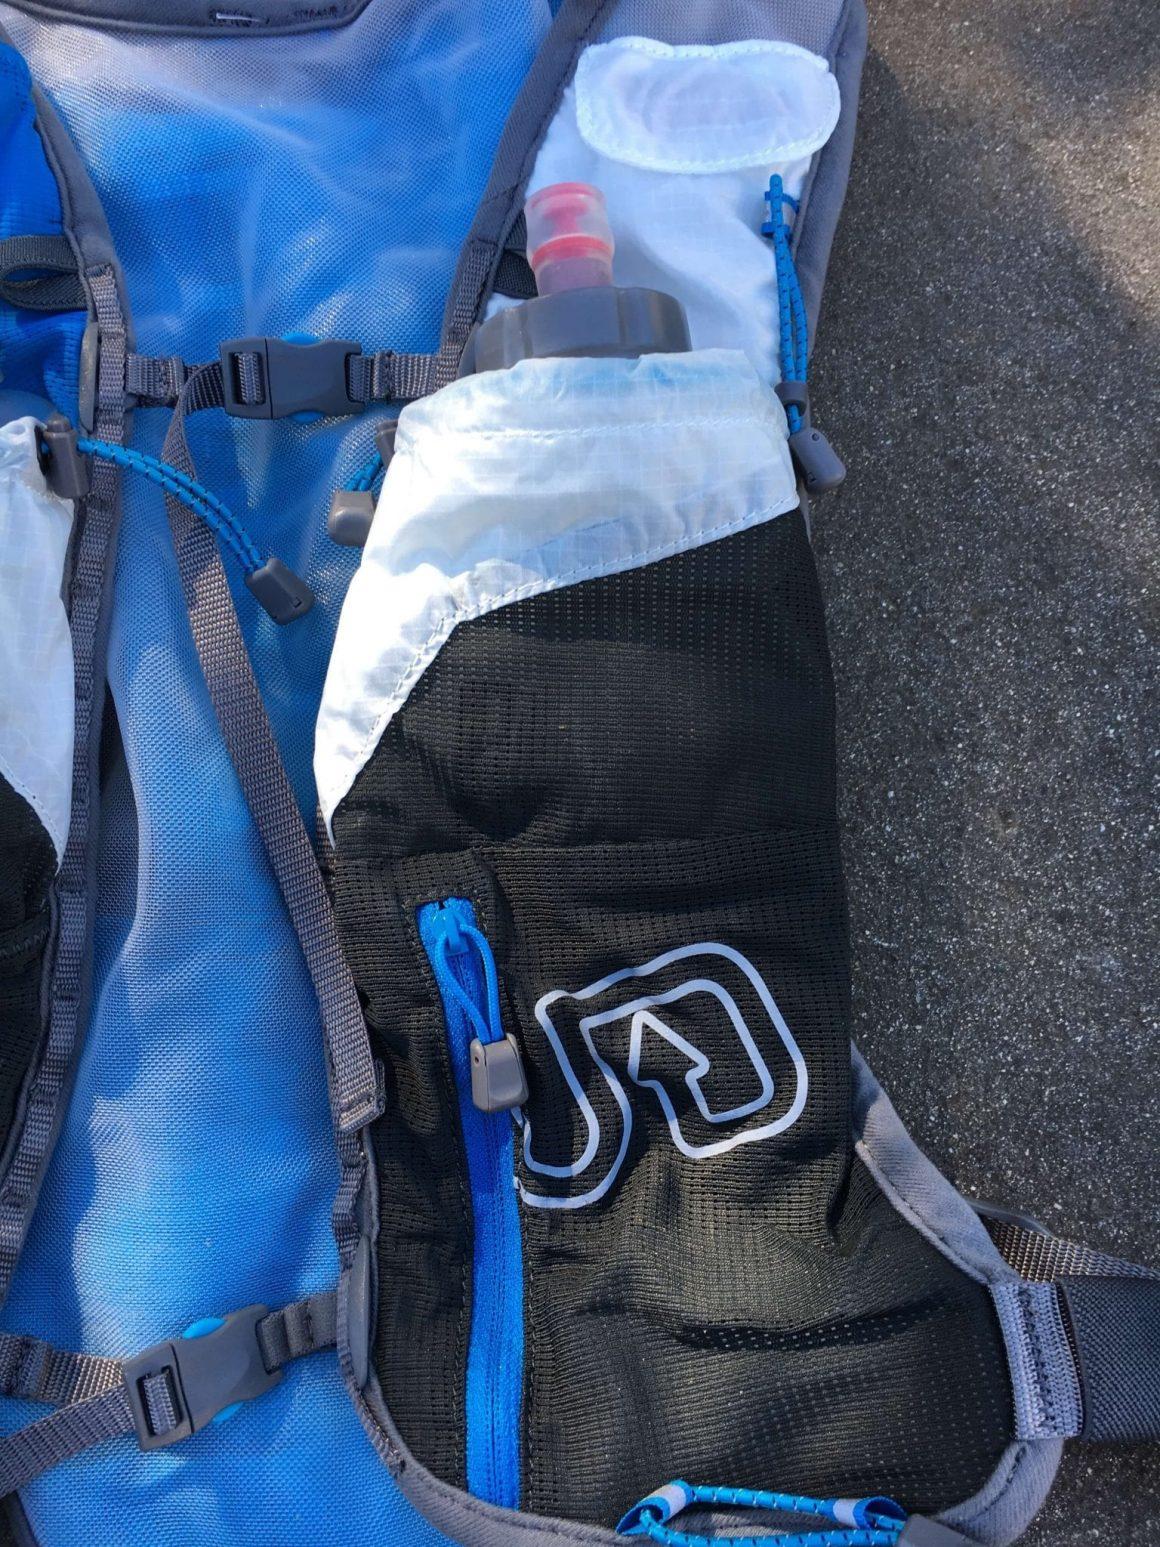 Ultimate Direction SJ Ultra Vest 3 Bottom Left Pocket